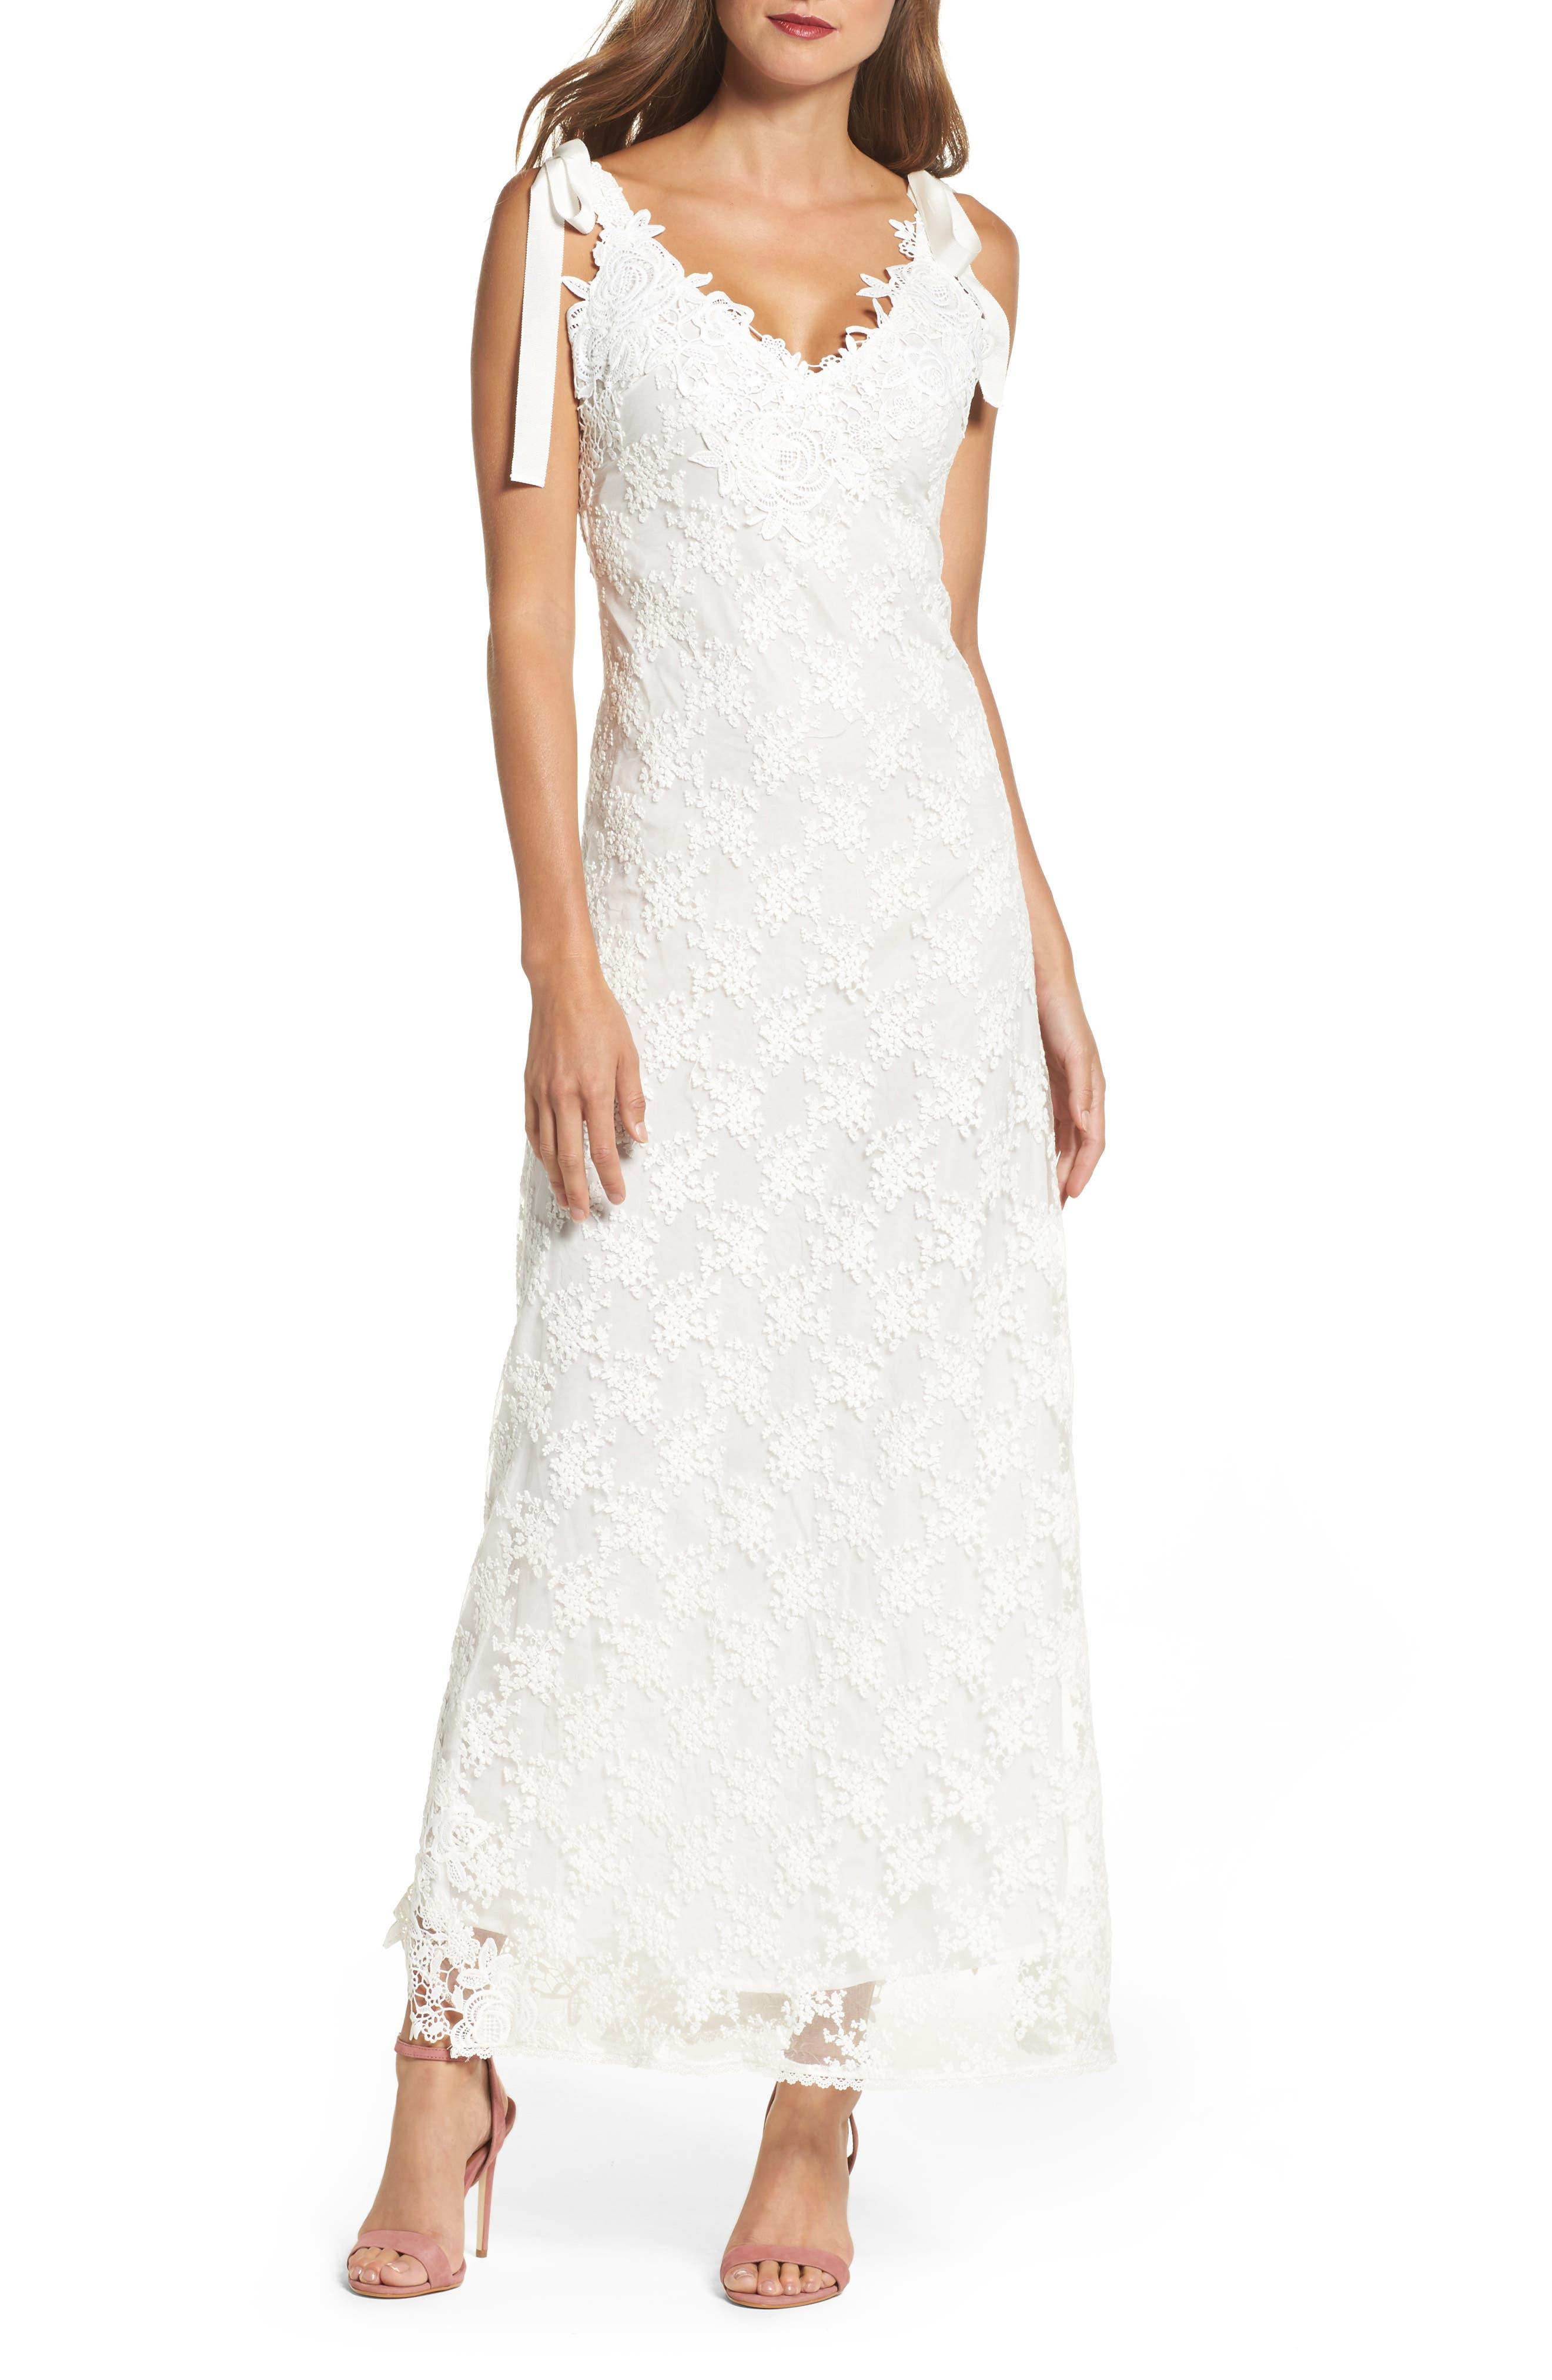 August Shoulder Tie Lace Maxi Dress,                         Main,                         color, Ivory